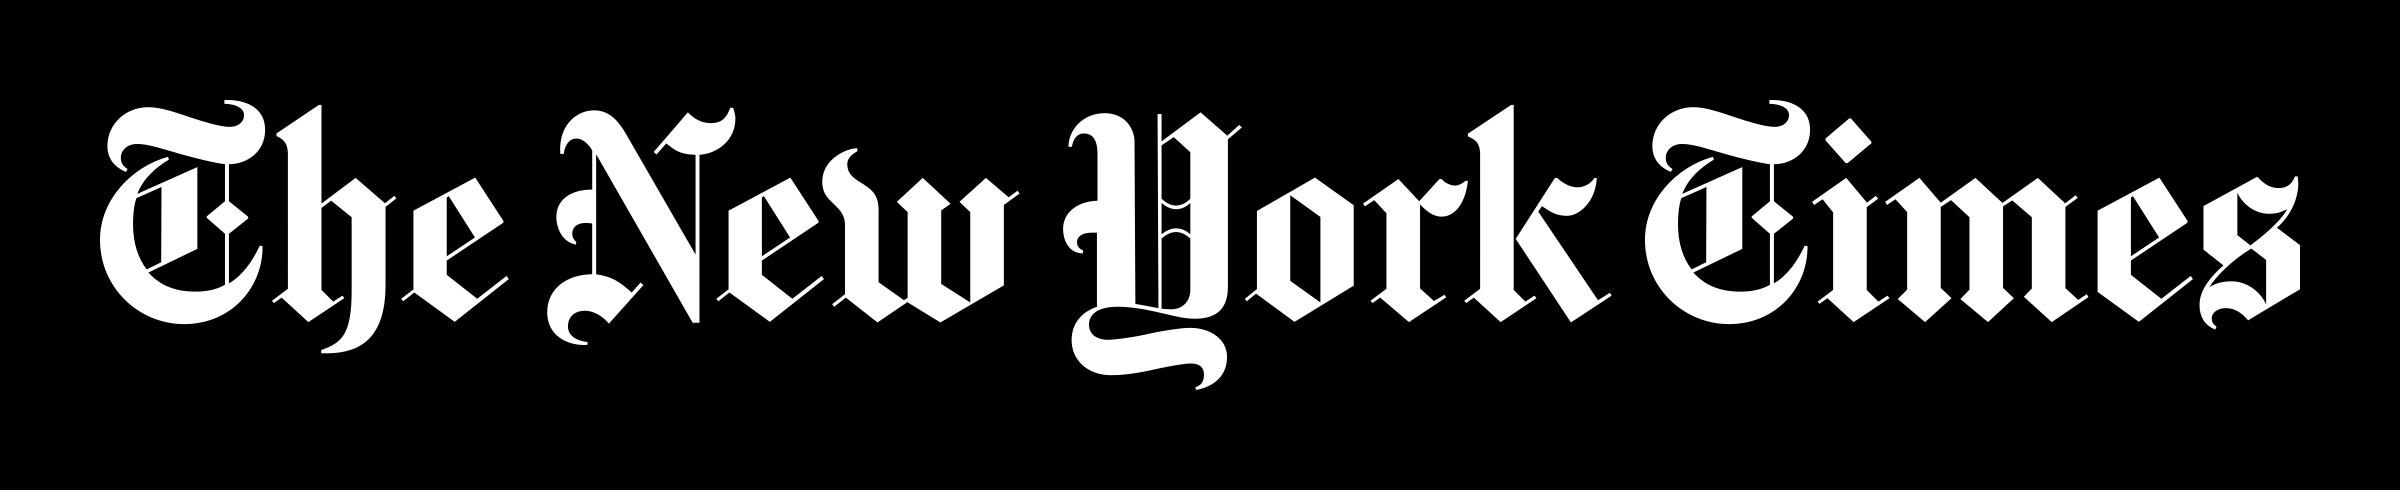 new york times logo png ile ilgili görsel sonucu